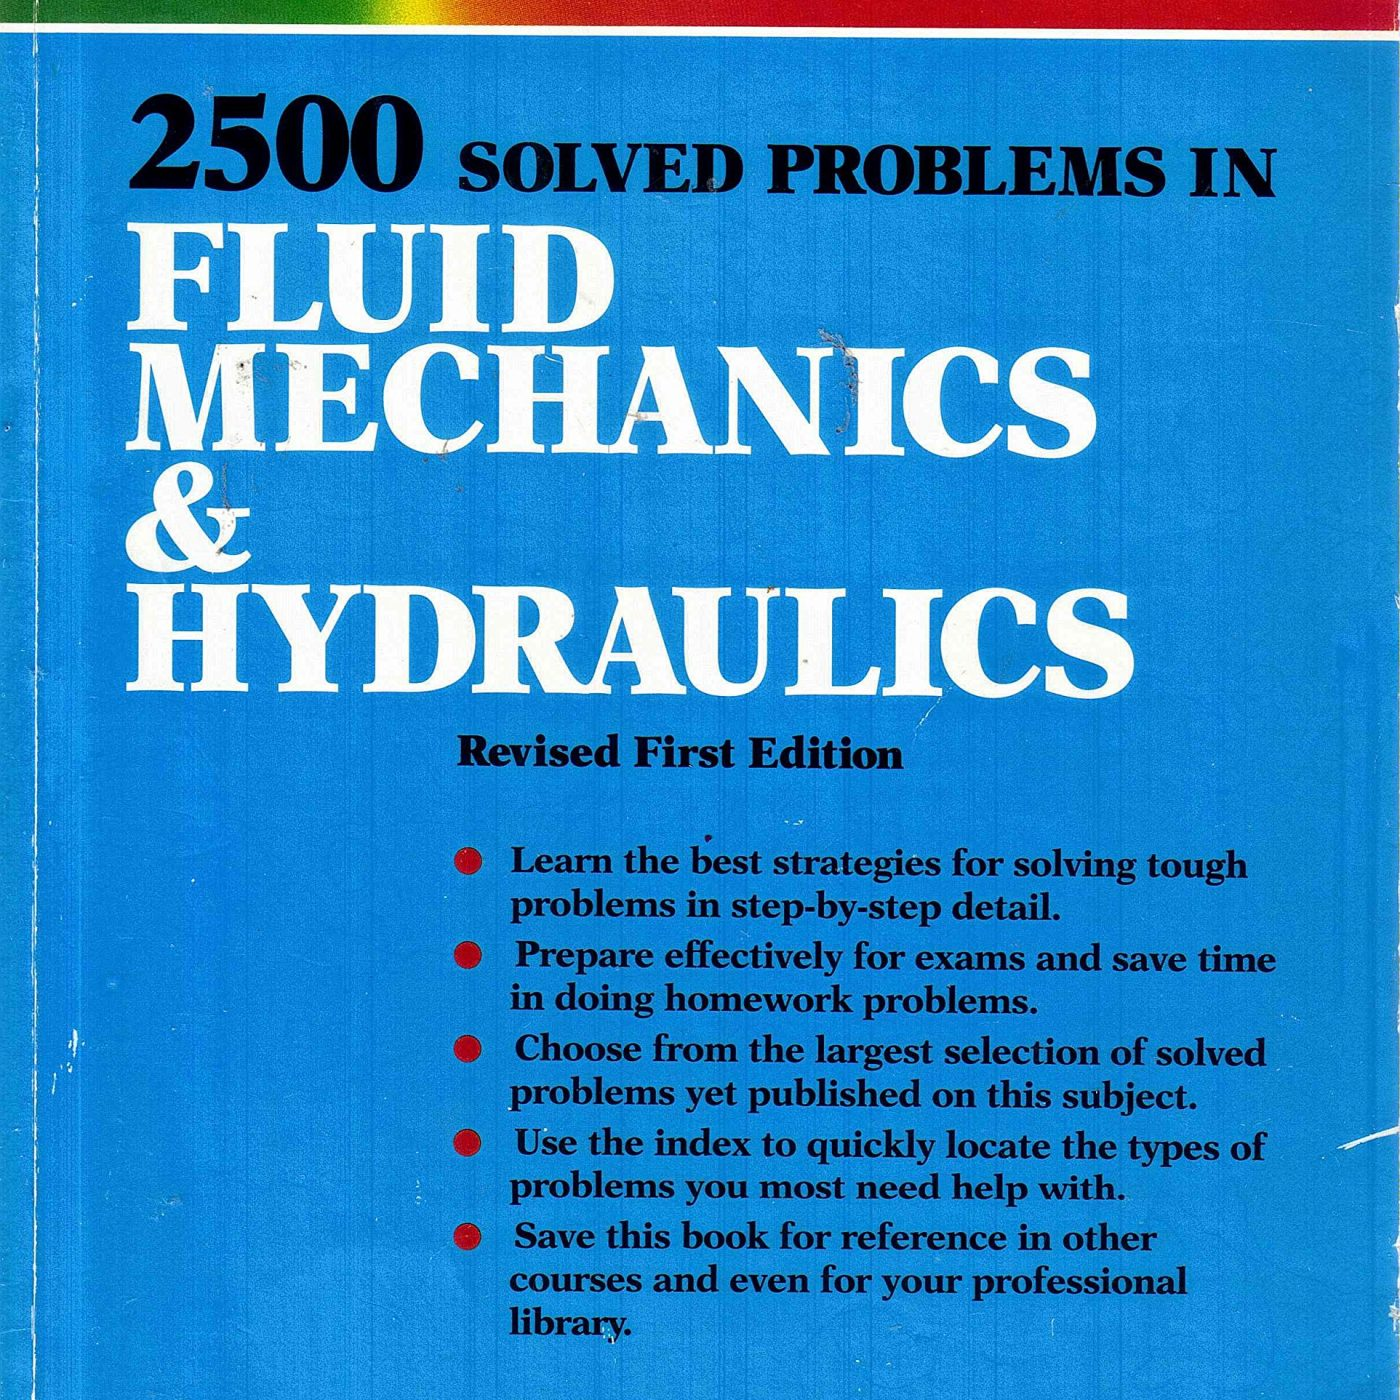 کتاب 2500 مسئله حل شده مکانیک سیالات و هیدرولیک